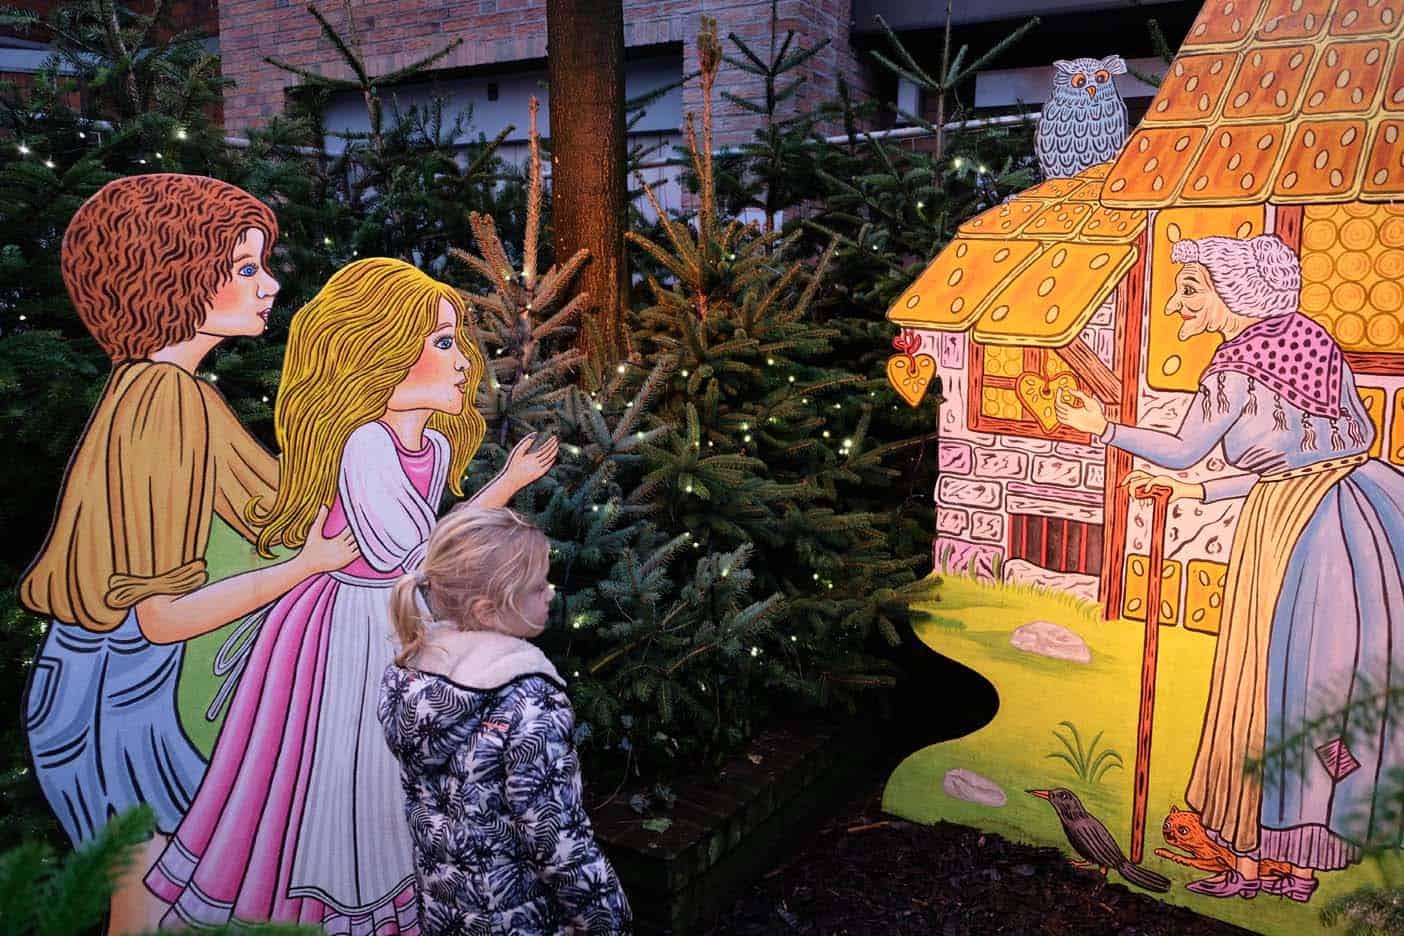 Kerstmarkt Nordhorn sprookjesbos